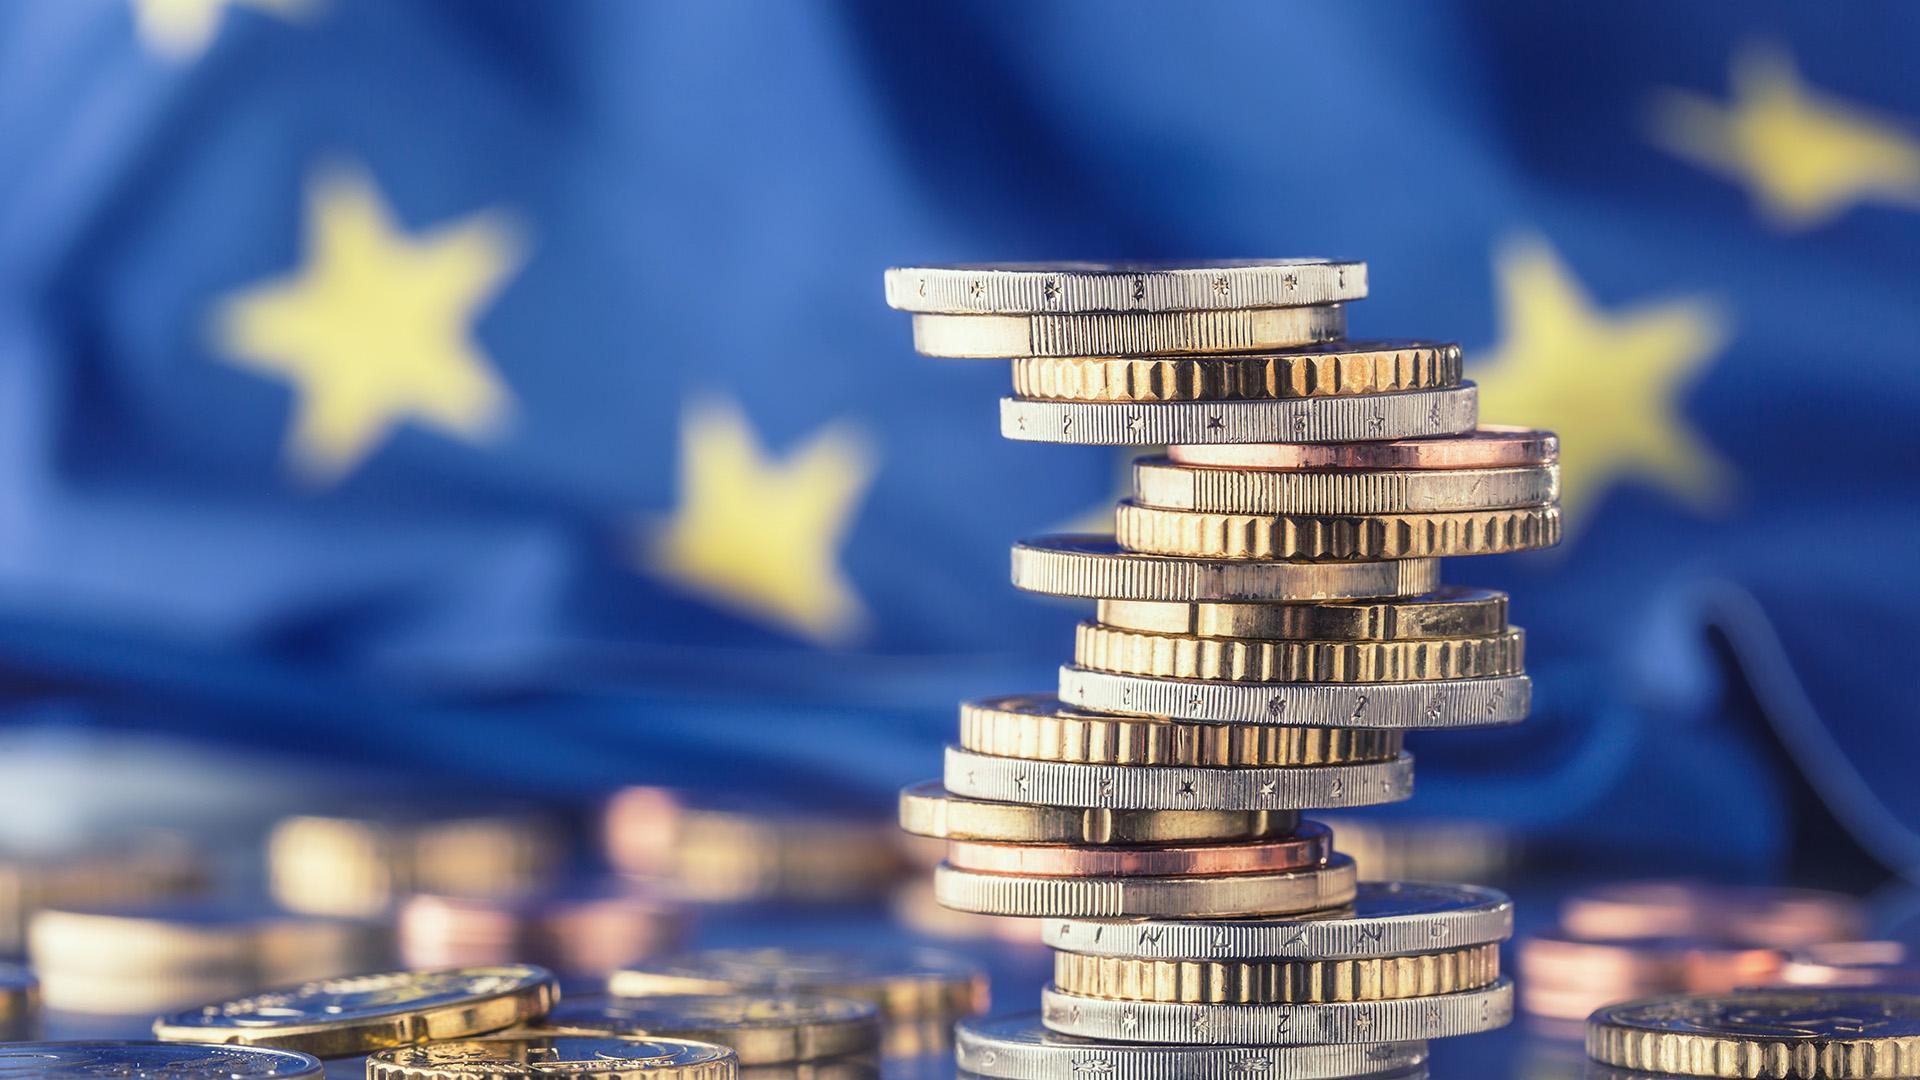 20kw31 Europafinanzen